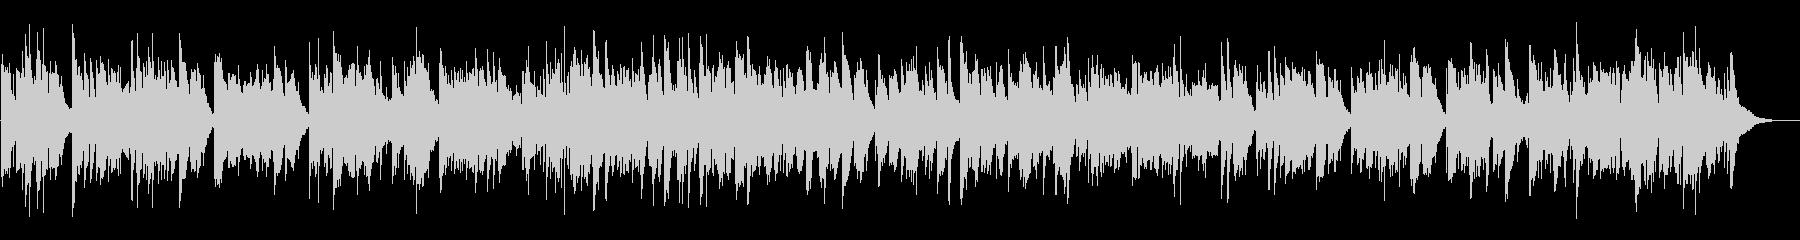 眠りに誘うハープのBGMの未再生の波形